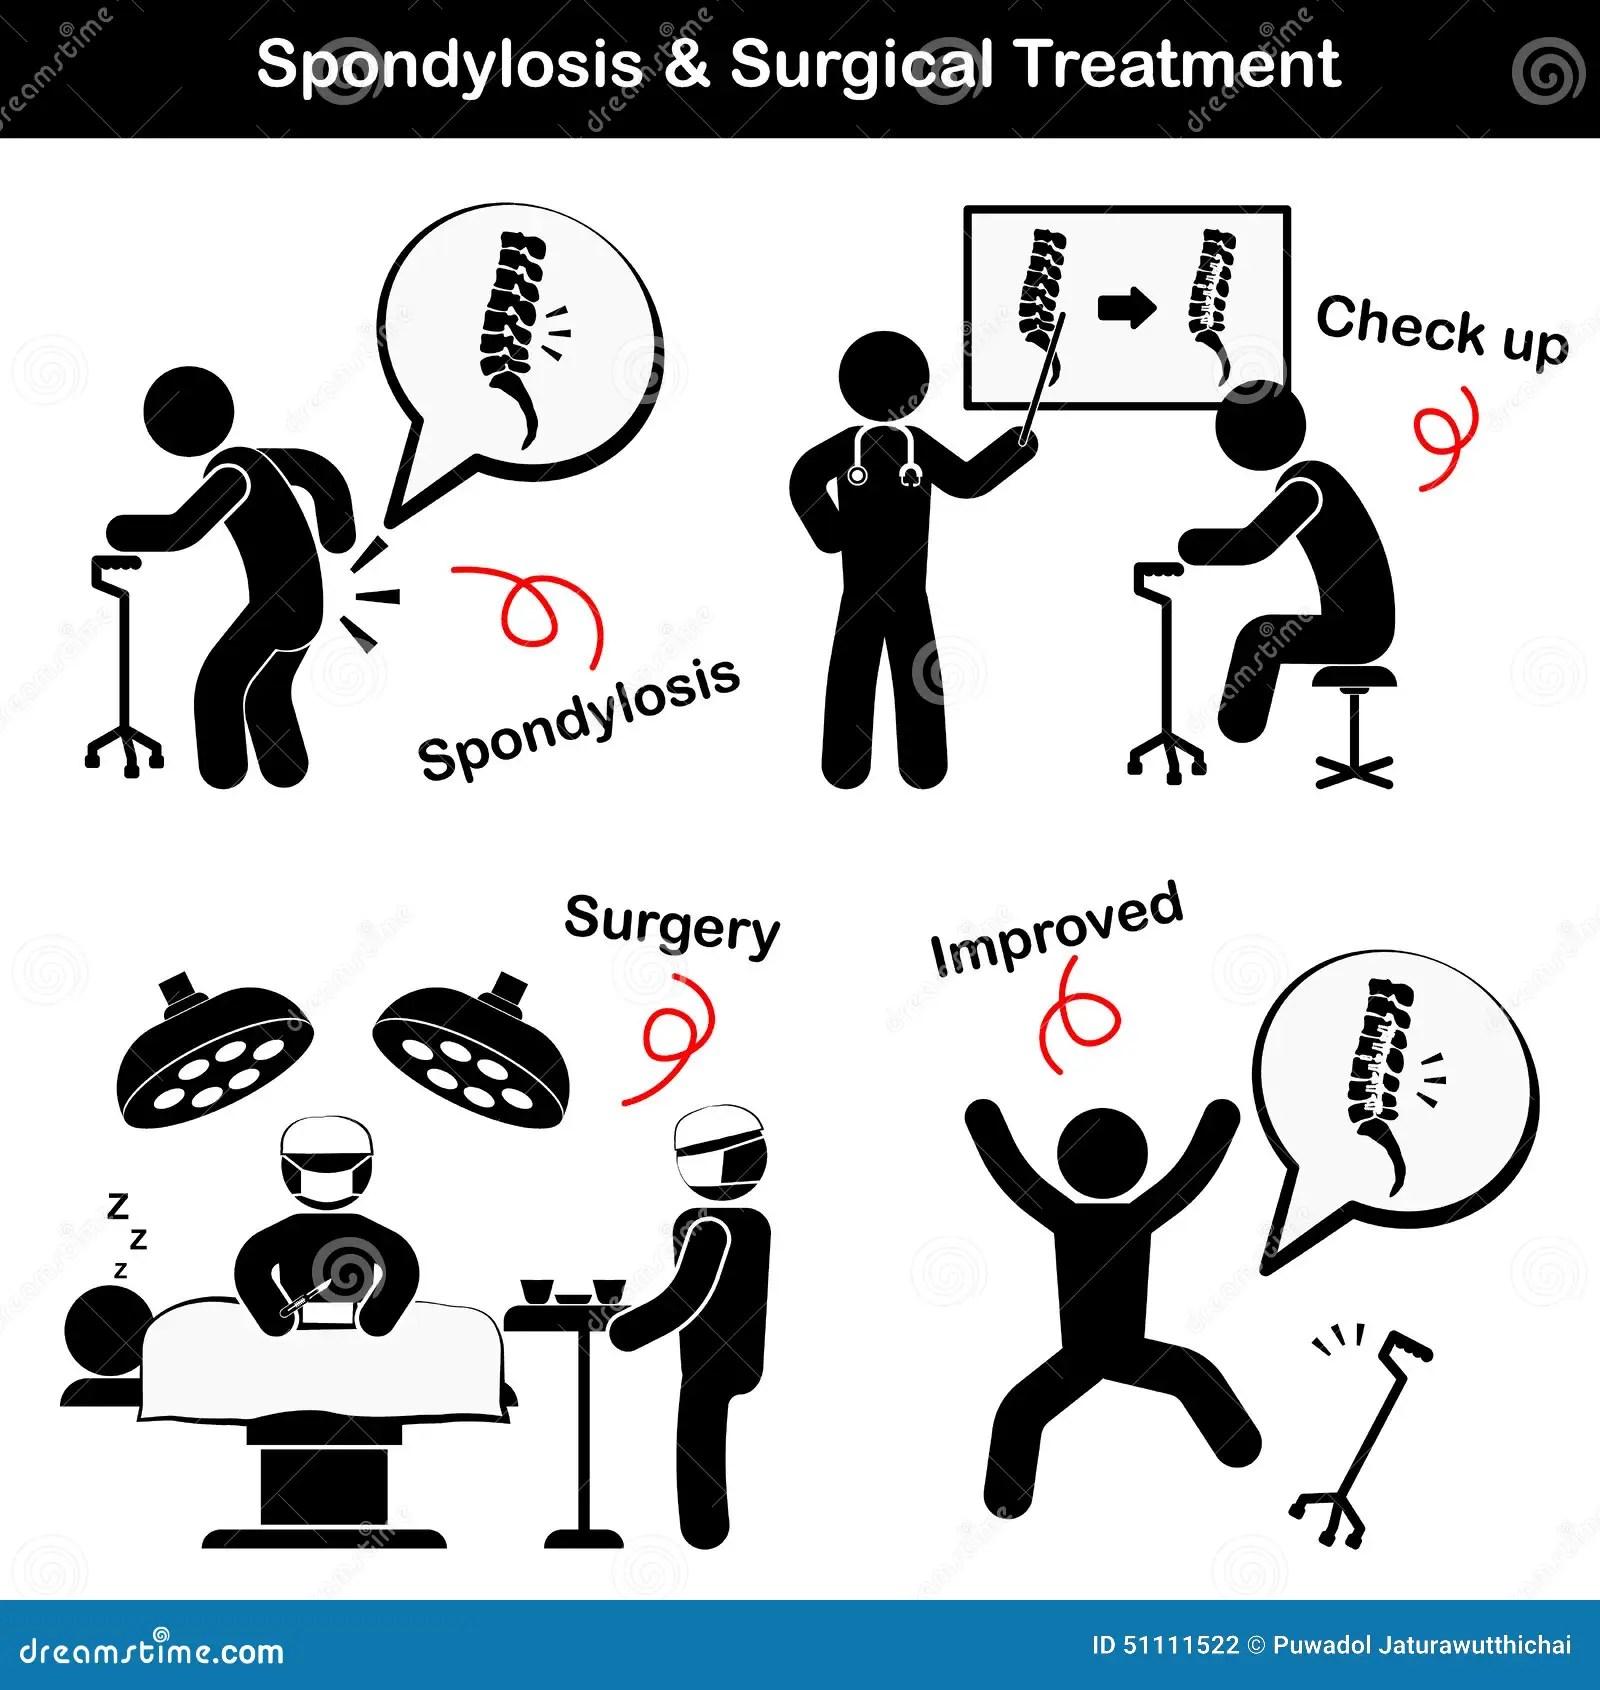 Pictogramme De Spondylose Et De Spondylolisthesis Et De